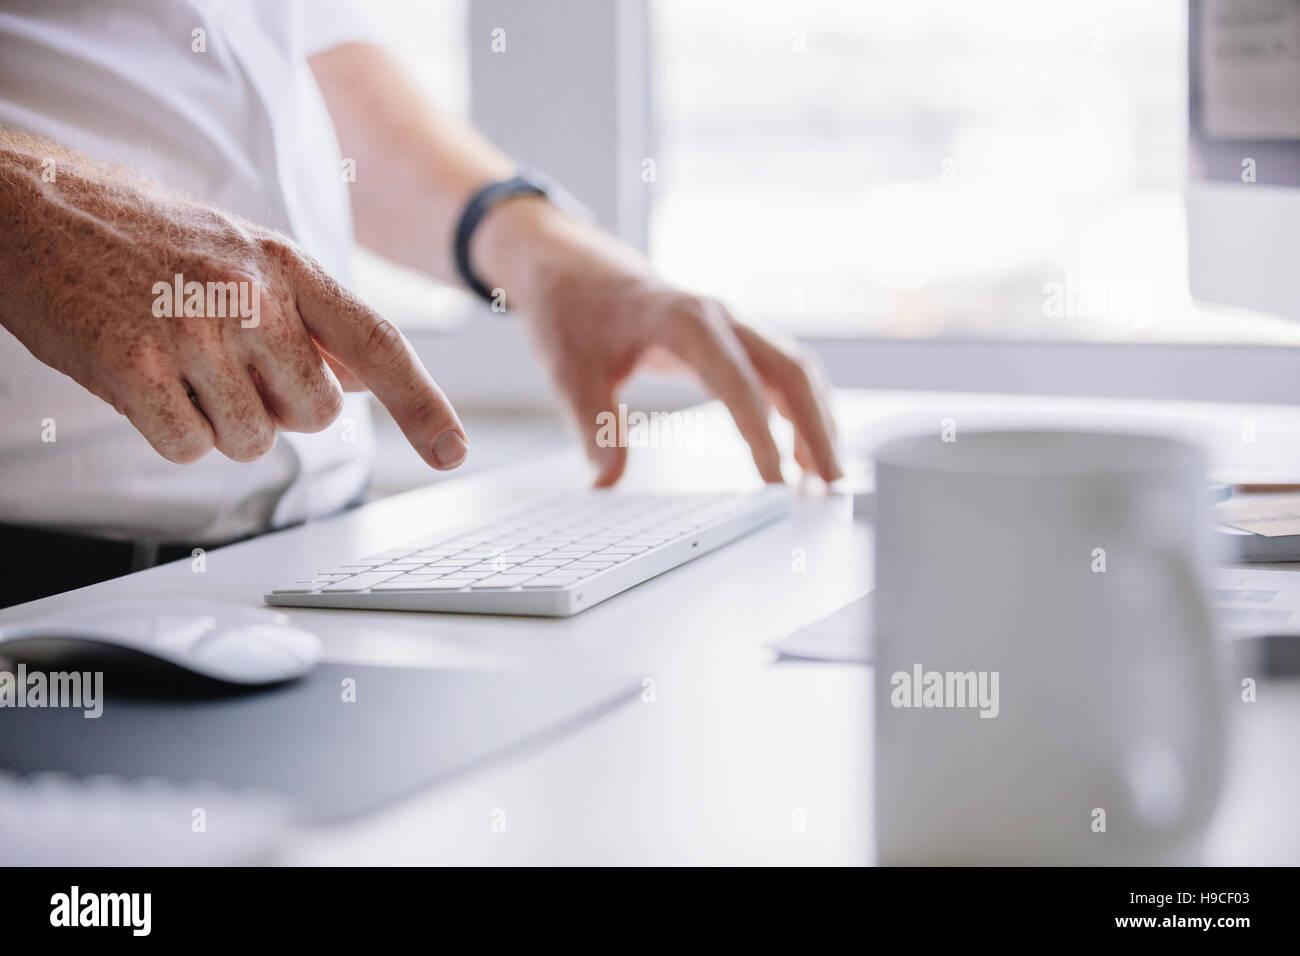 Nahaufnahme Schuss junger Mann Hände Tippen auf drahtlose Tastatur am Schreibtisch im Büro. Stockbild